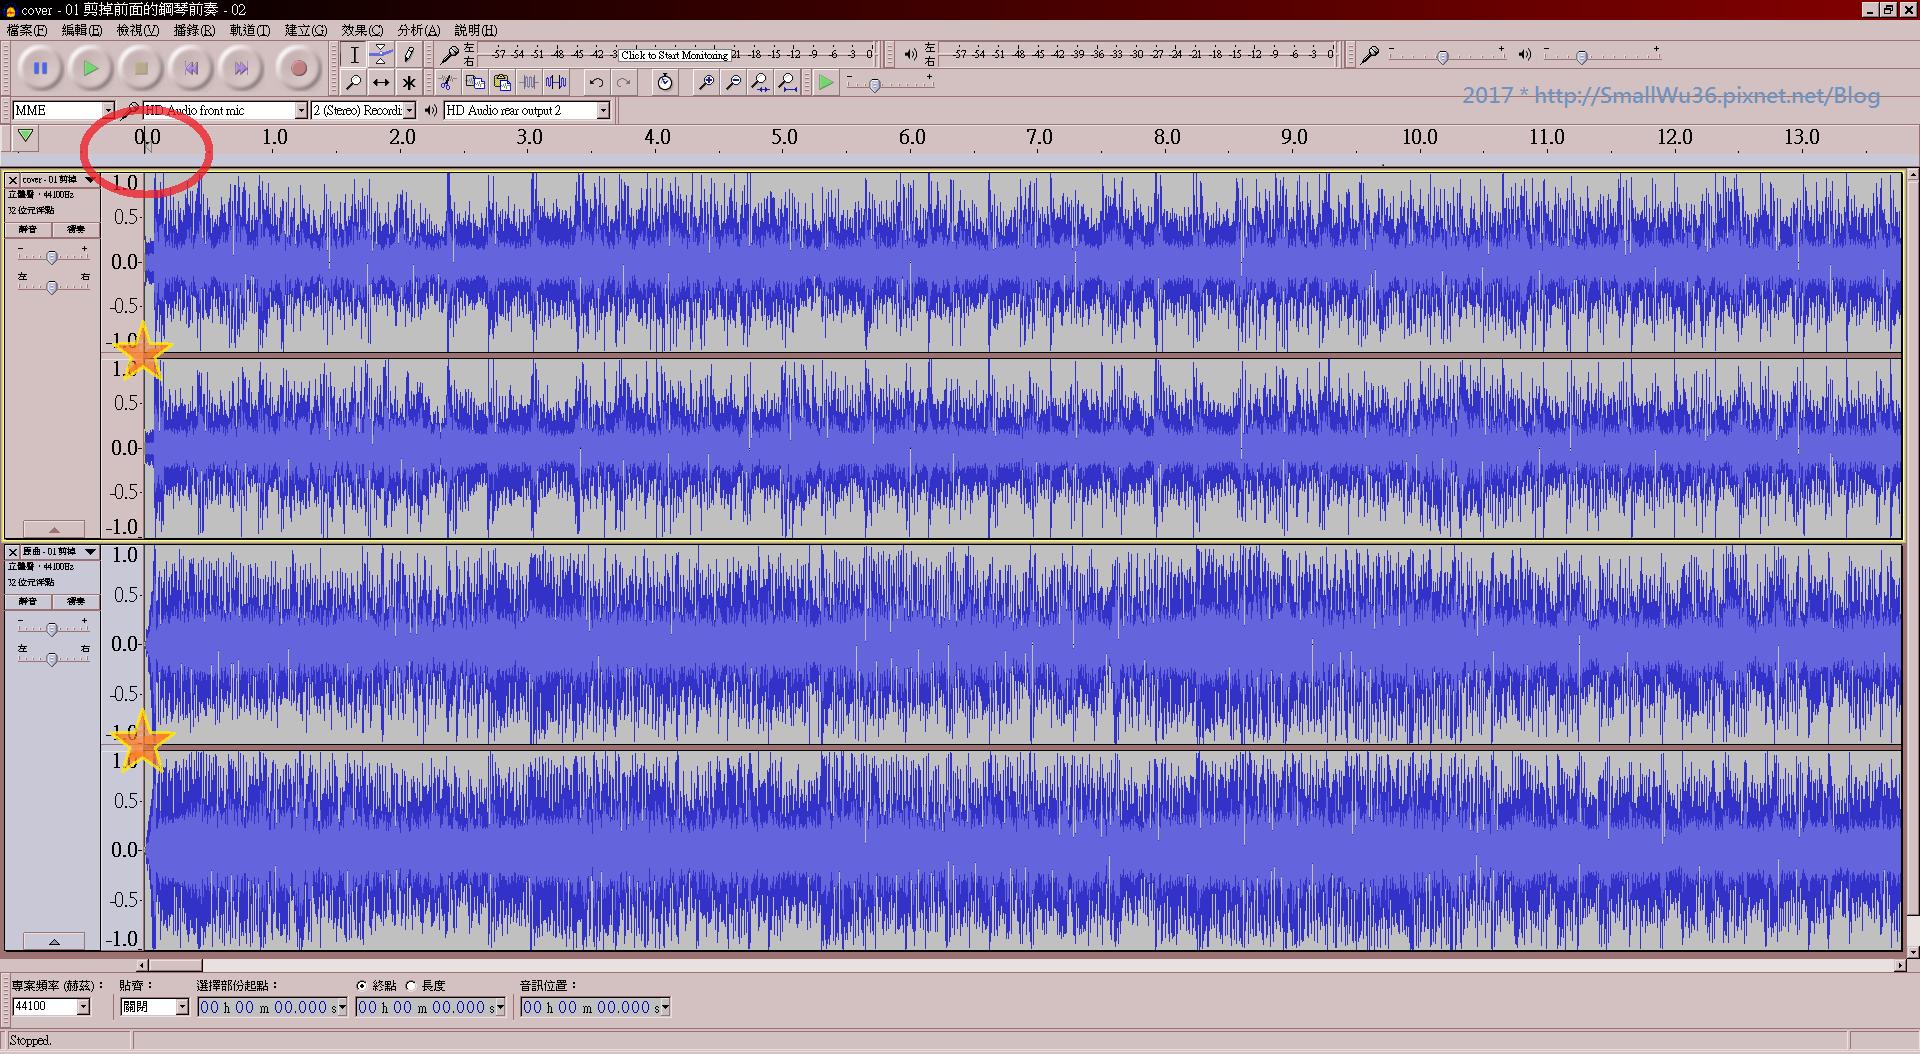 013 因為有多的鼓點(對不齊), 於是兩版本的前奏都剪掉 (2).png